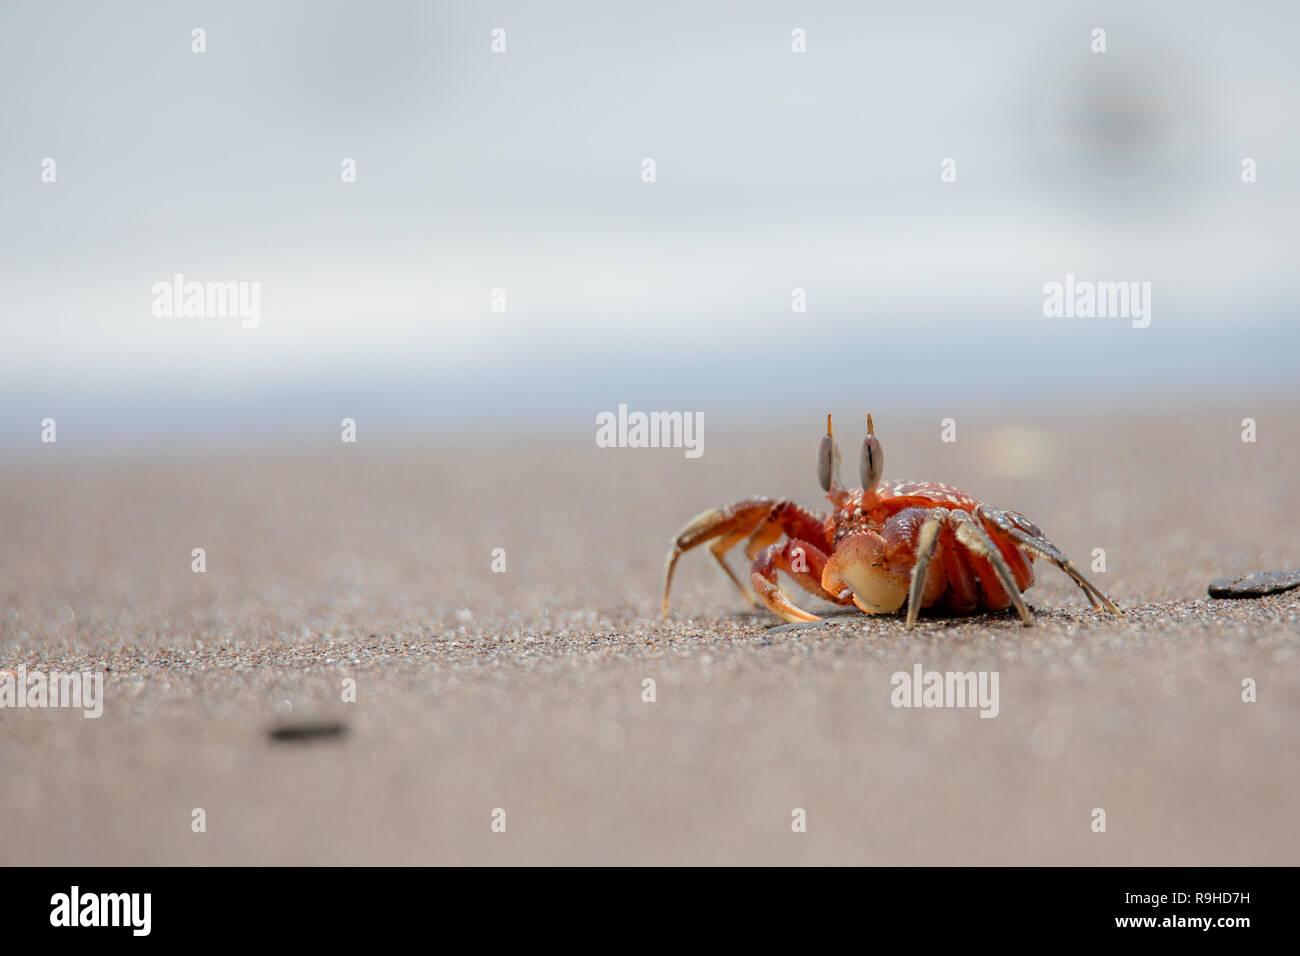 Le crabe fantôme rouge fantasma cangrejo rojo Isla de la Plata l'Équateur Banque D'Images